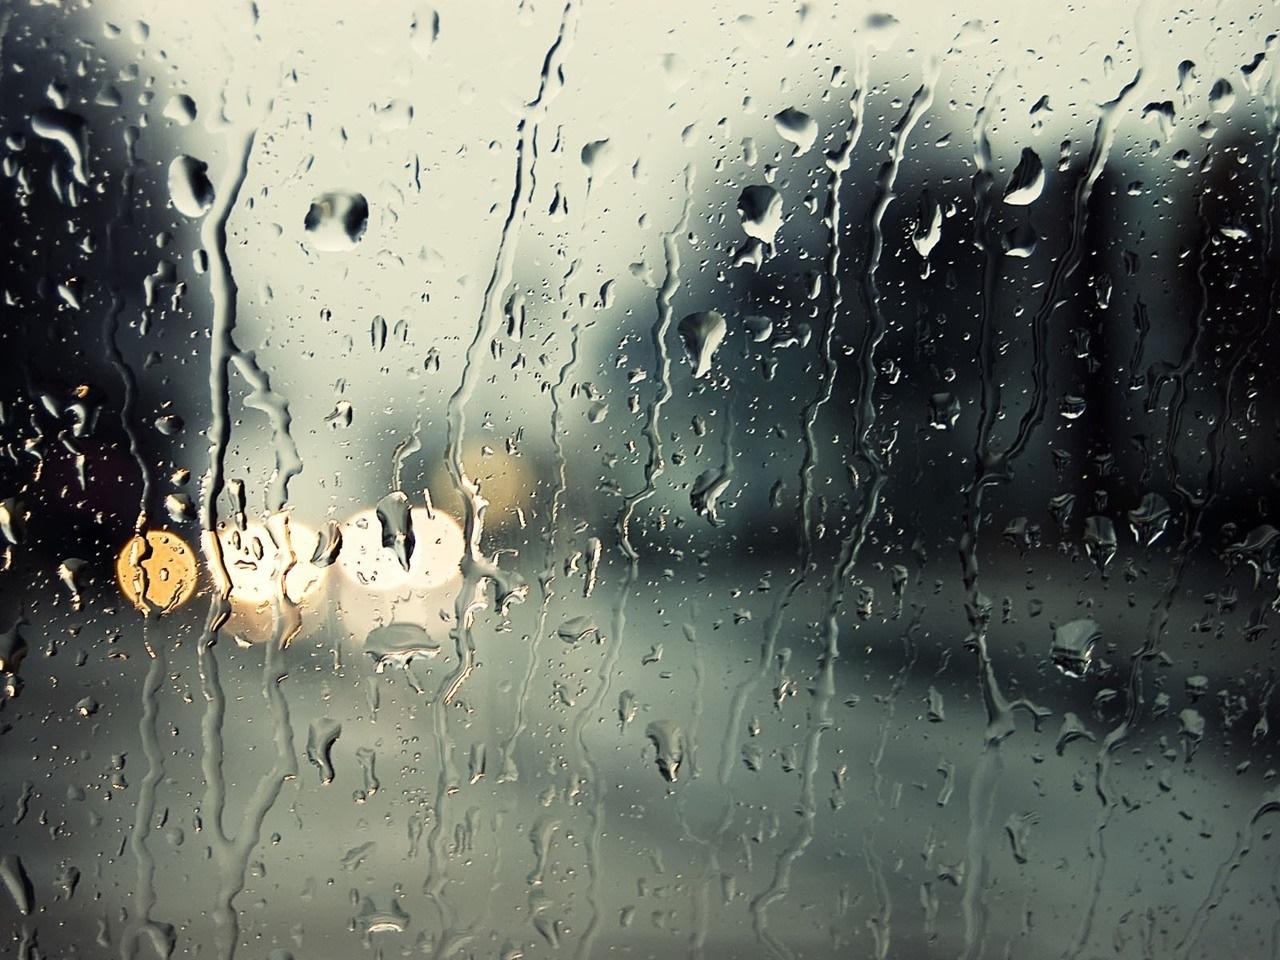 дождливое утро картинки